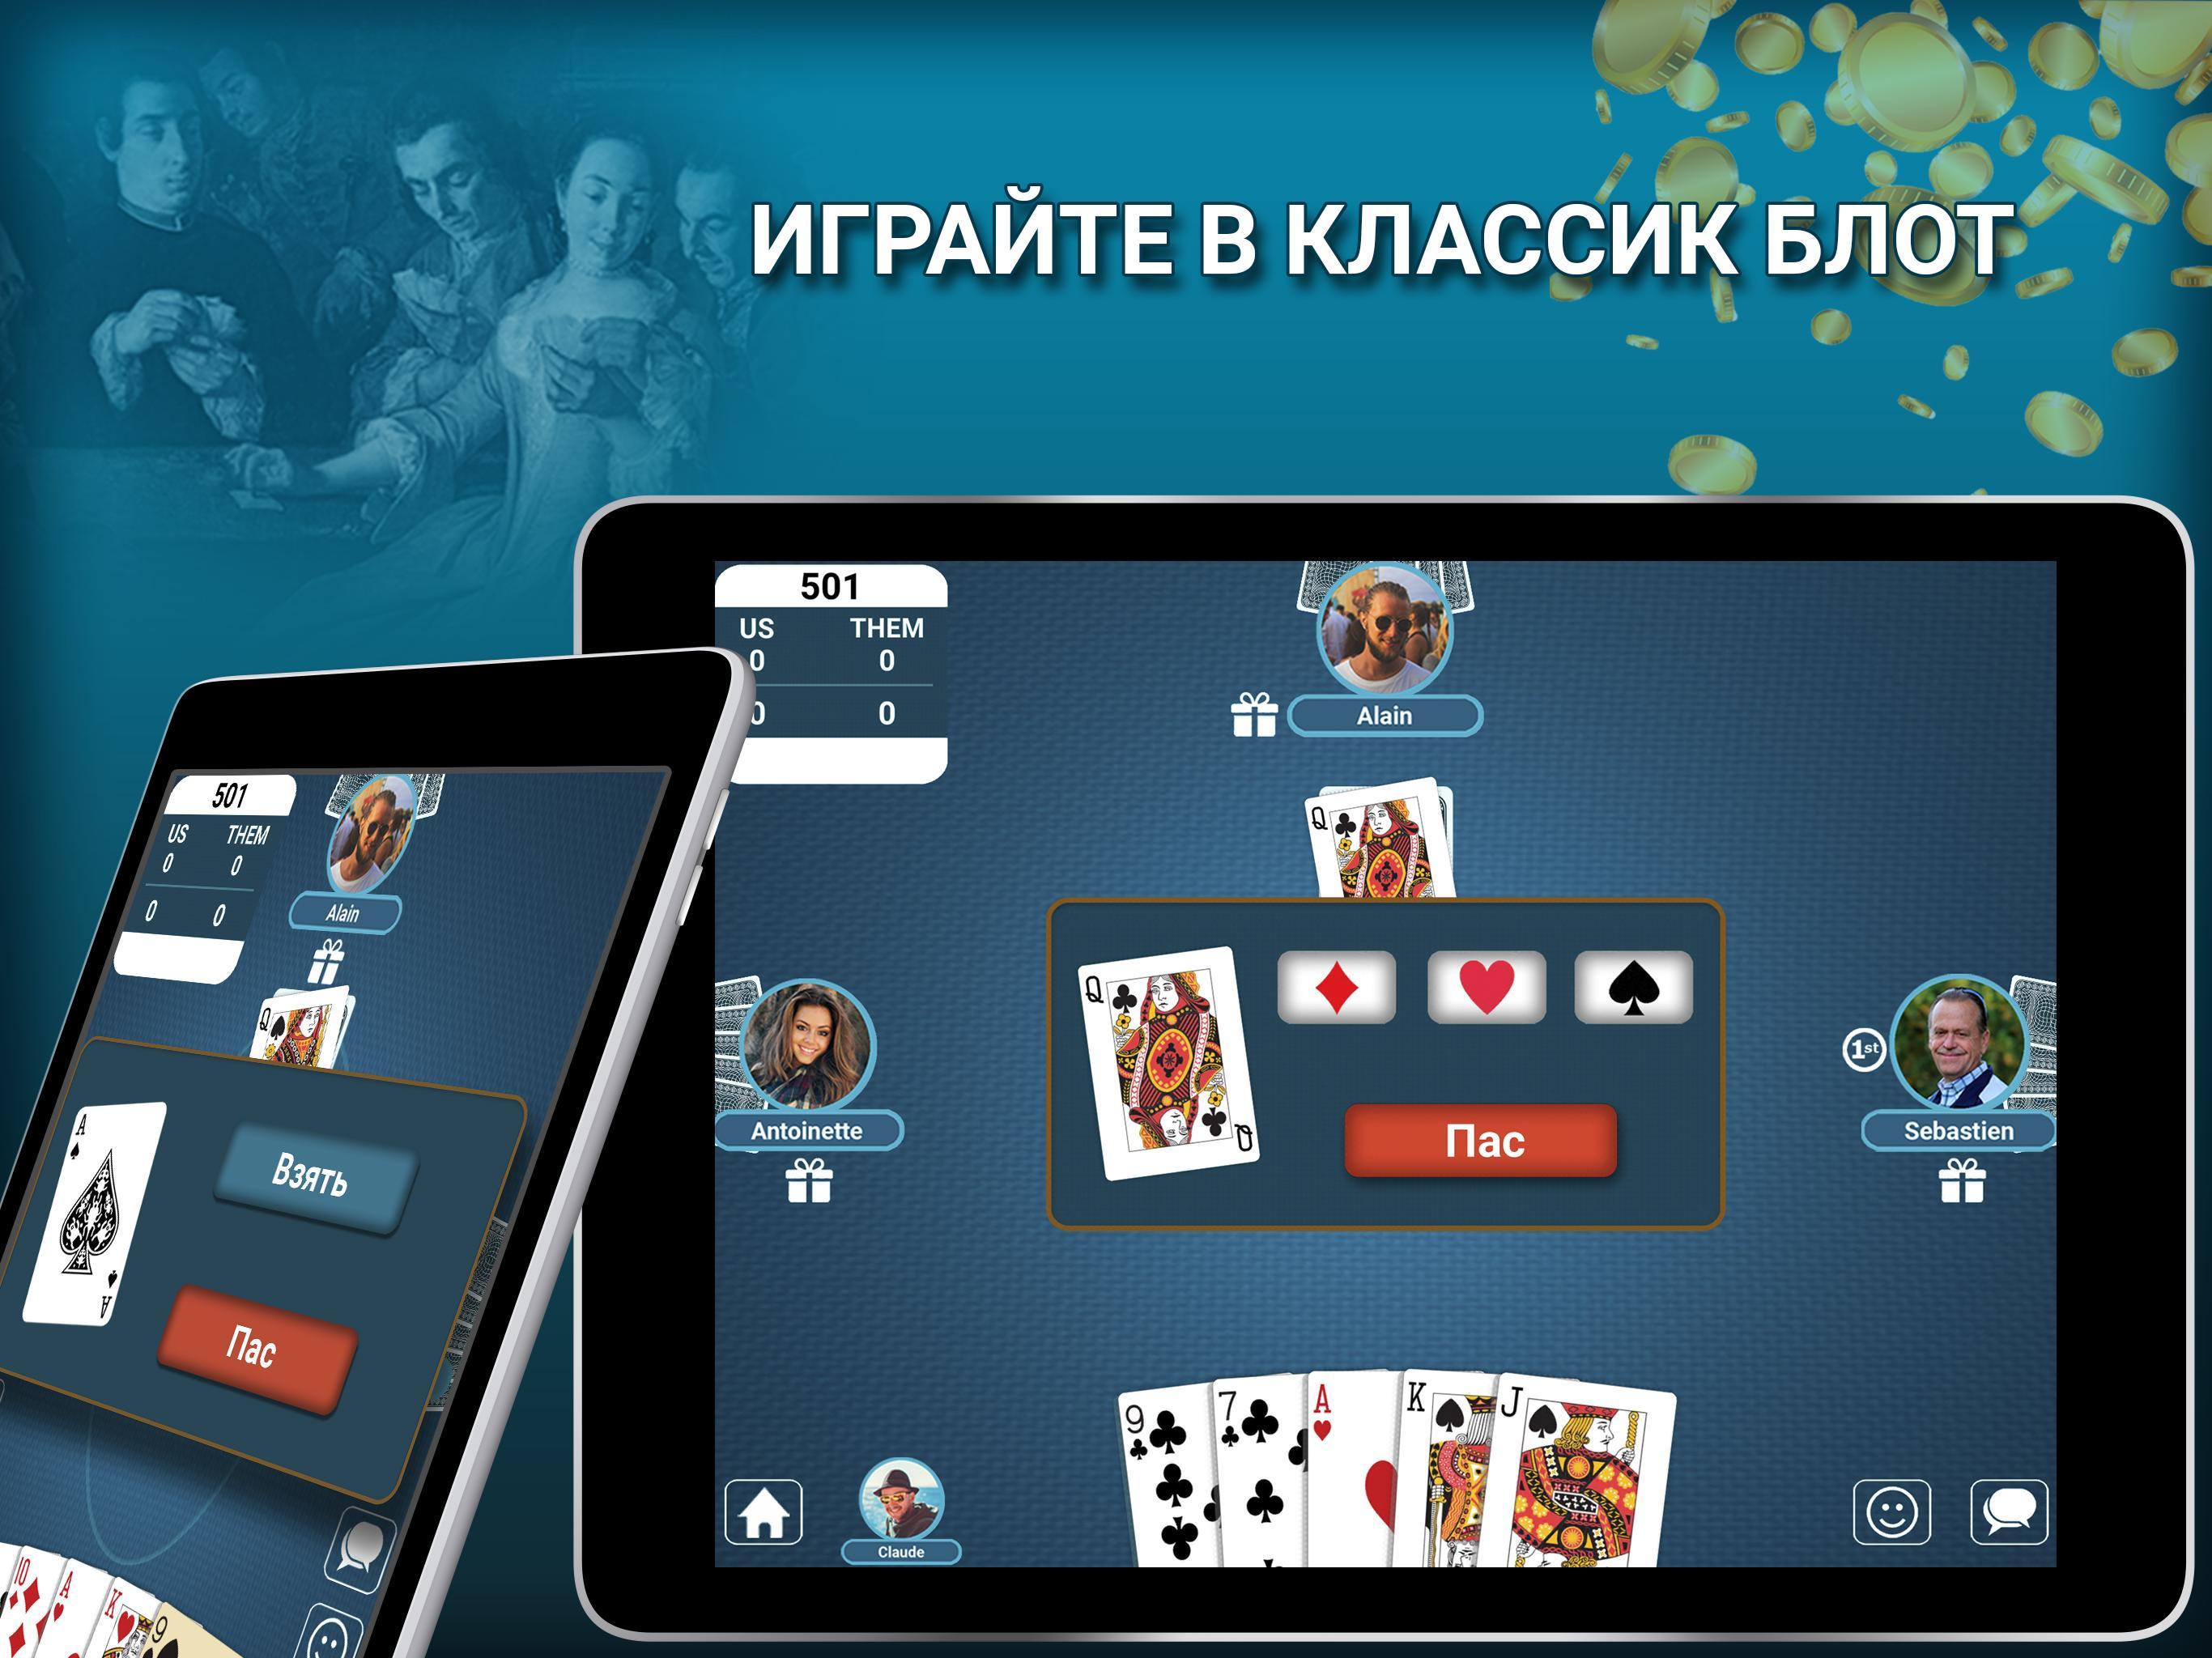 Блот карты онлайн играть бесплатно игра на компьютер казино